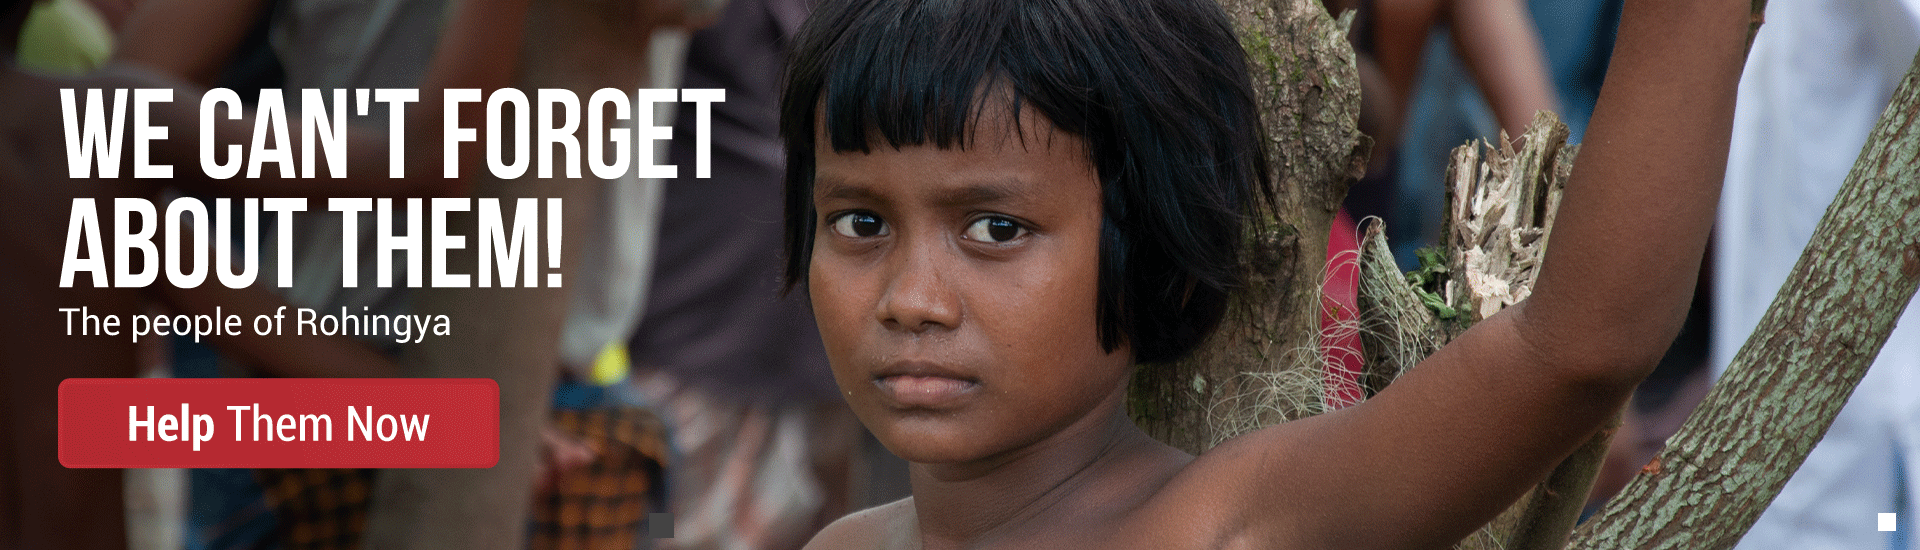 Help Rohingya